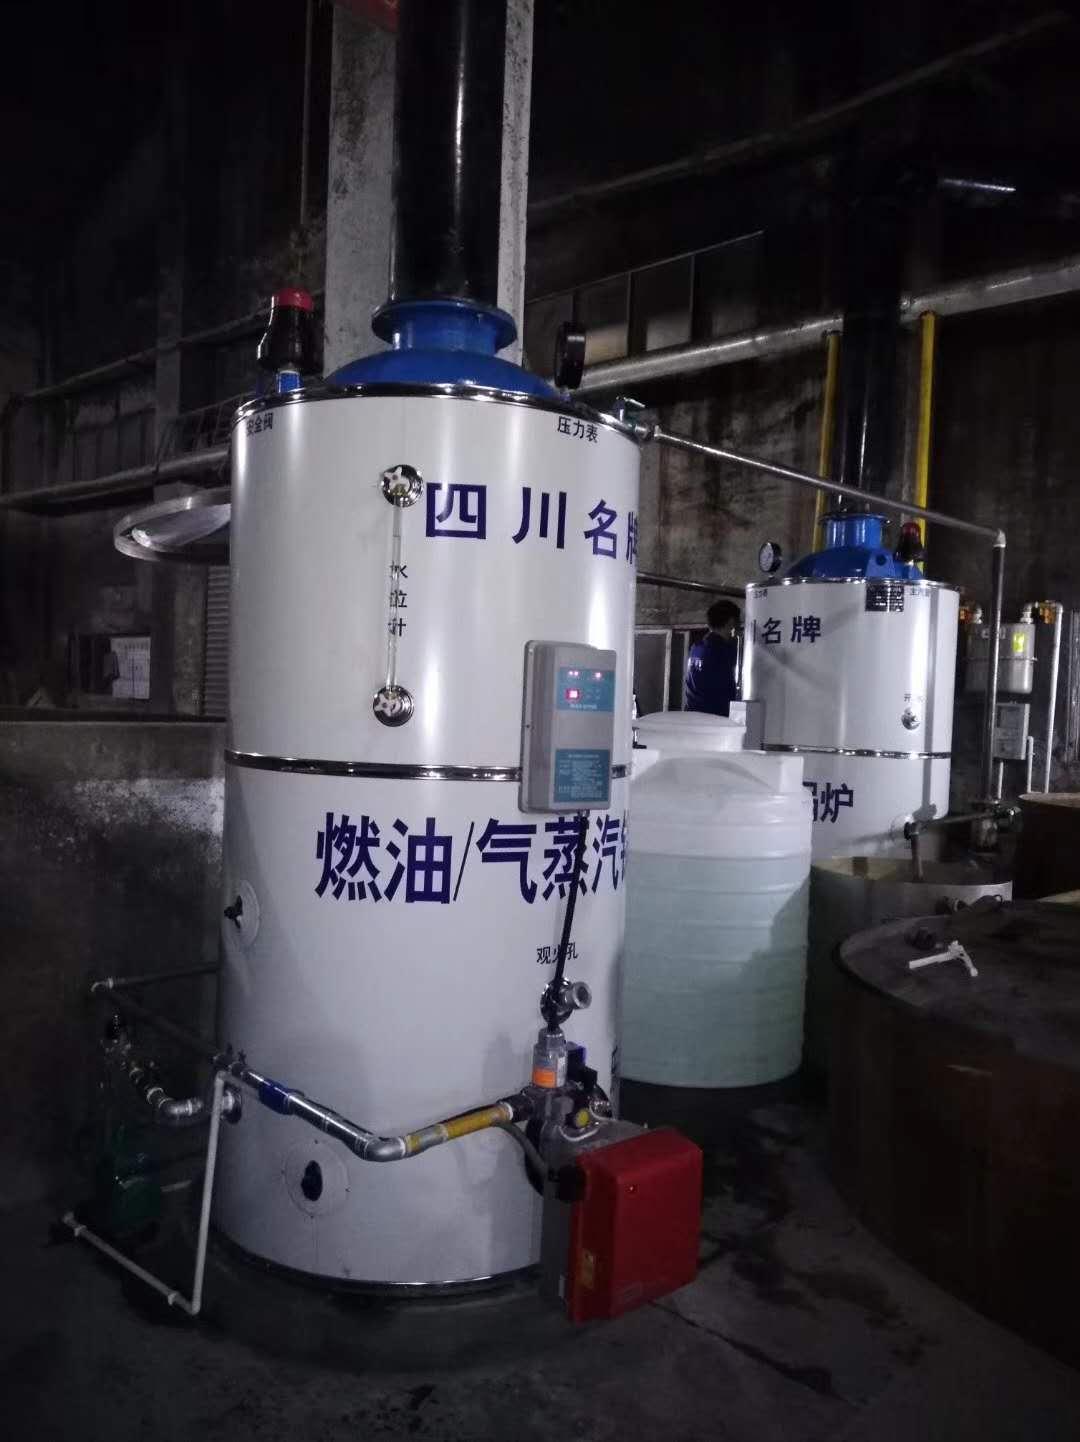 乐山乐锅全自动天然气蒸汽酿酒锅炉配件